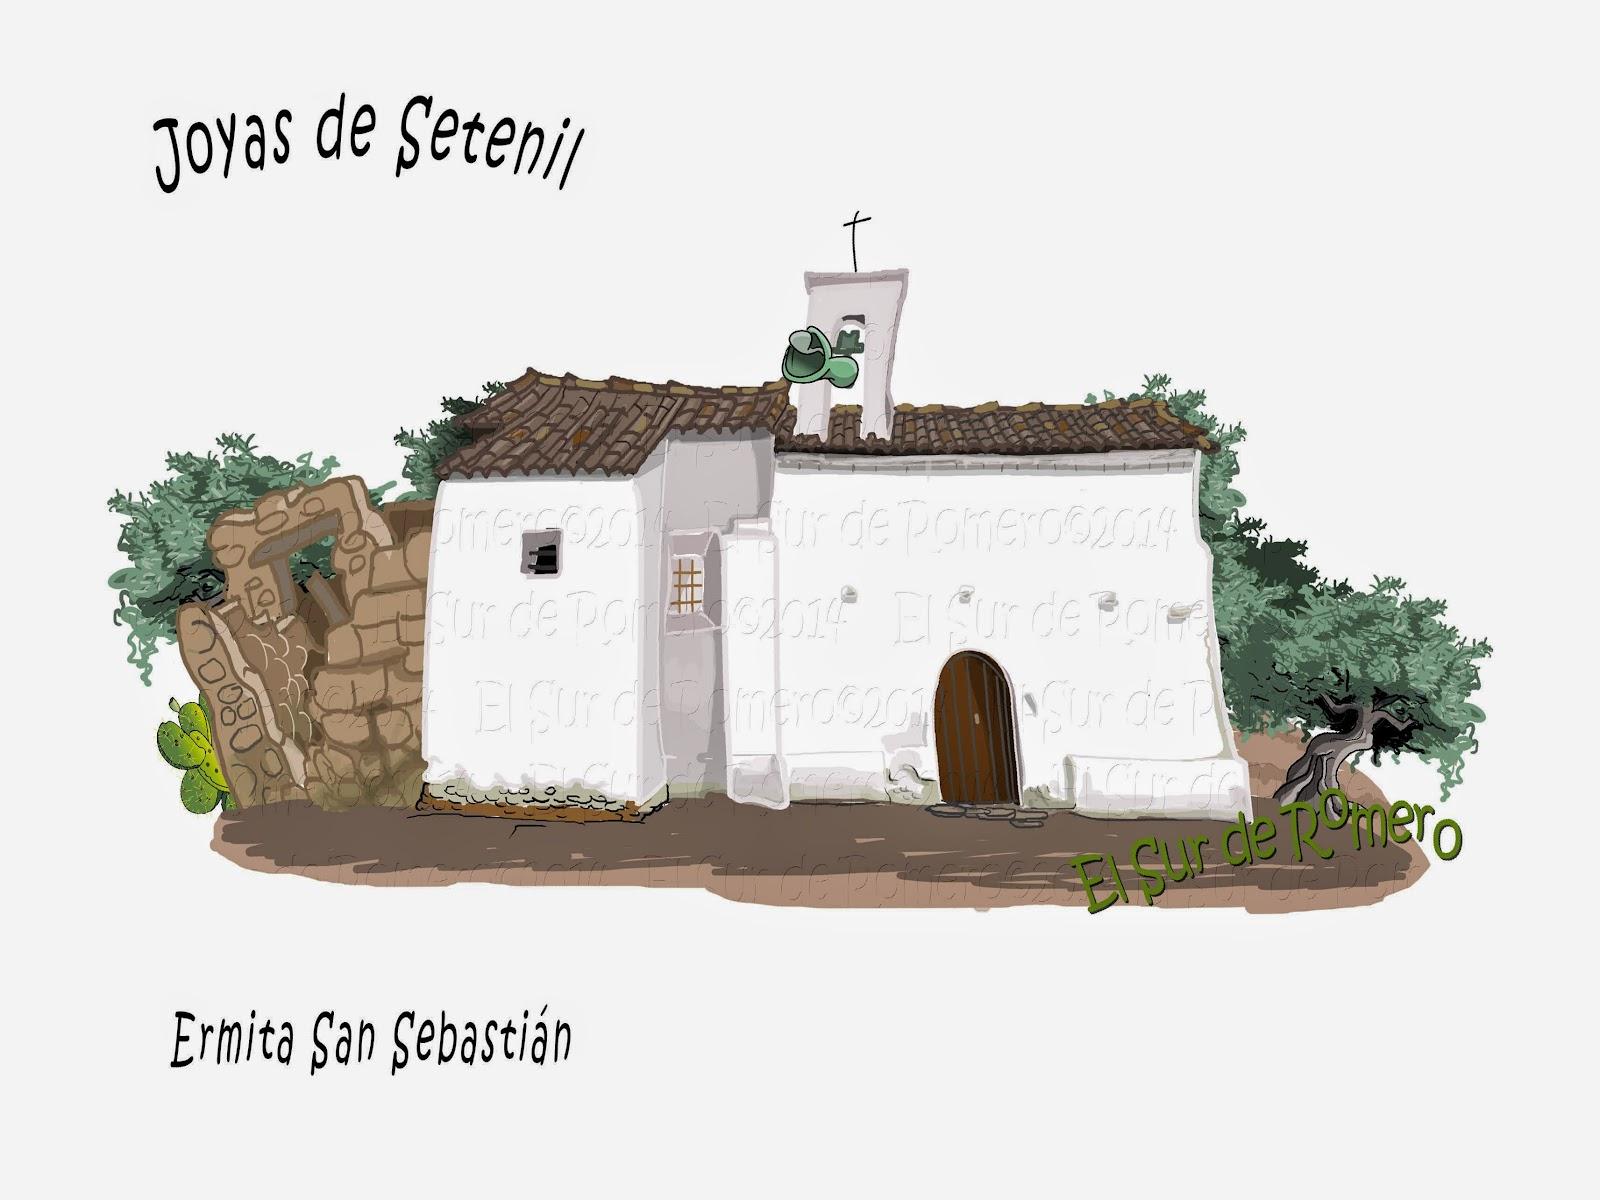 """<img src=""""Ermita San Sebastian.jpg"""" alt=""""dibujos de Setenil""""/>"""